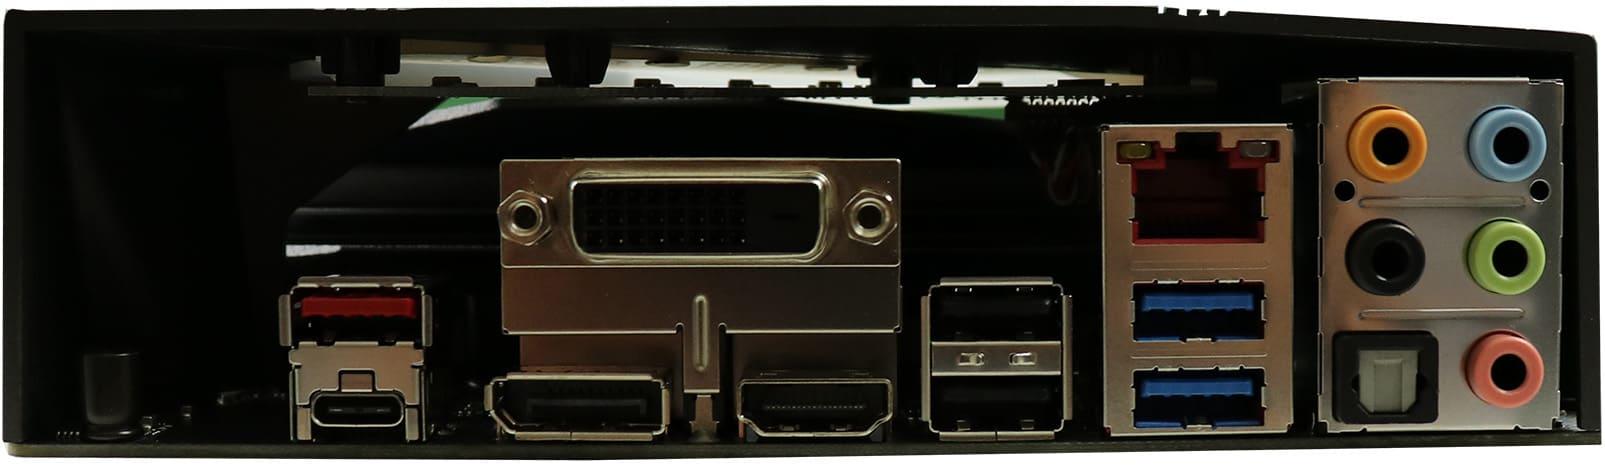 ROG STRIX Z370-F Gaming- I/O